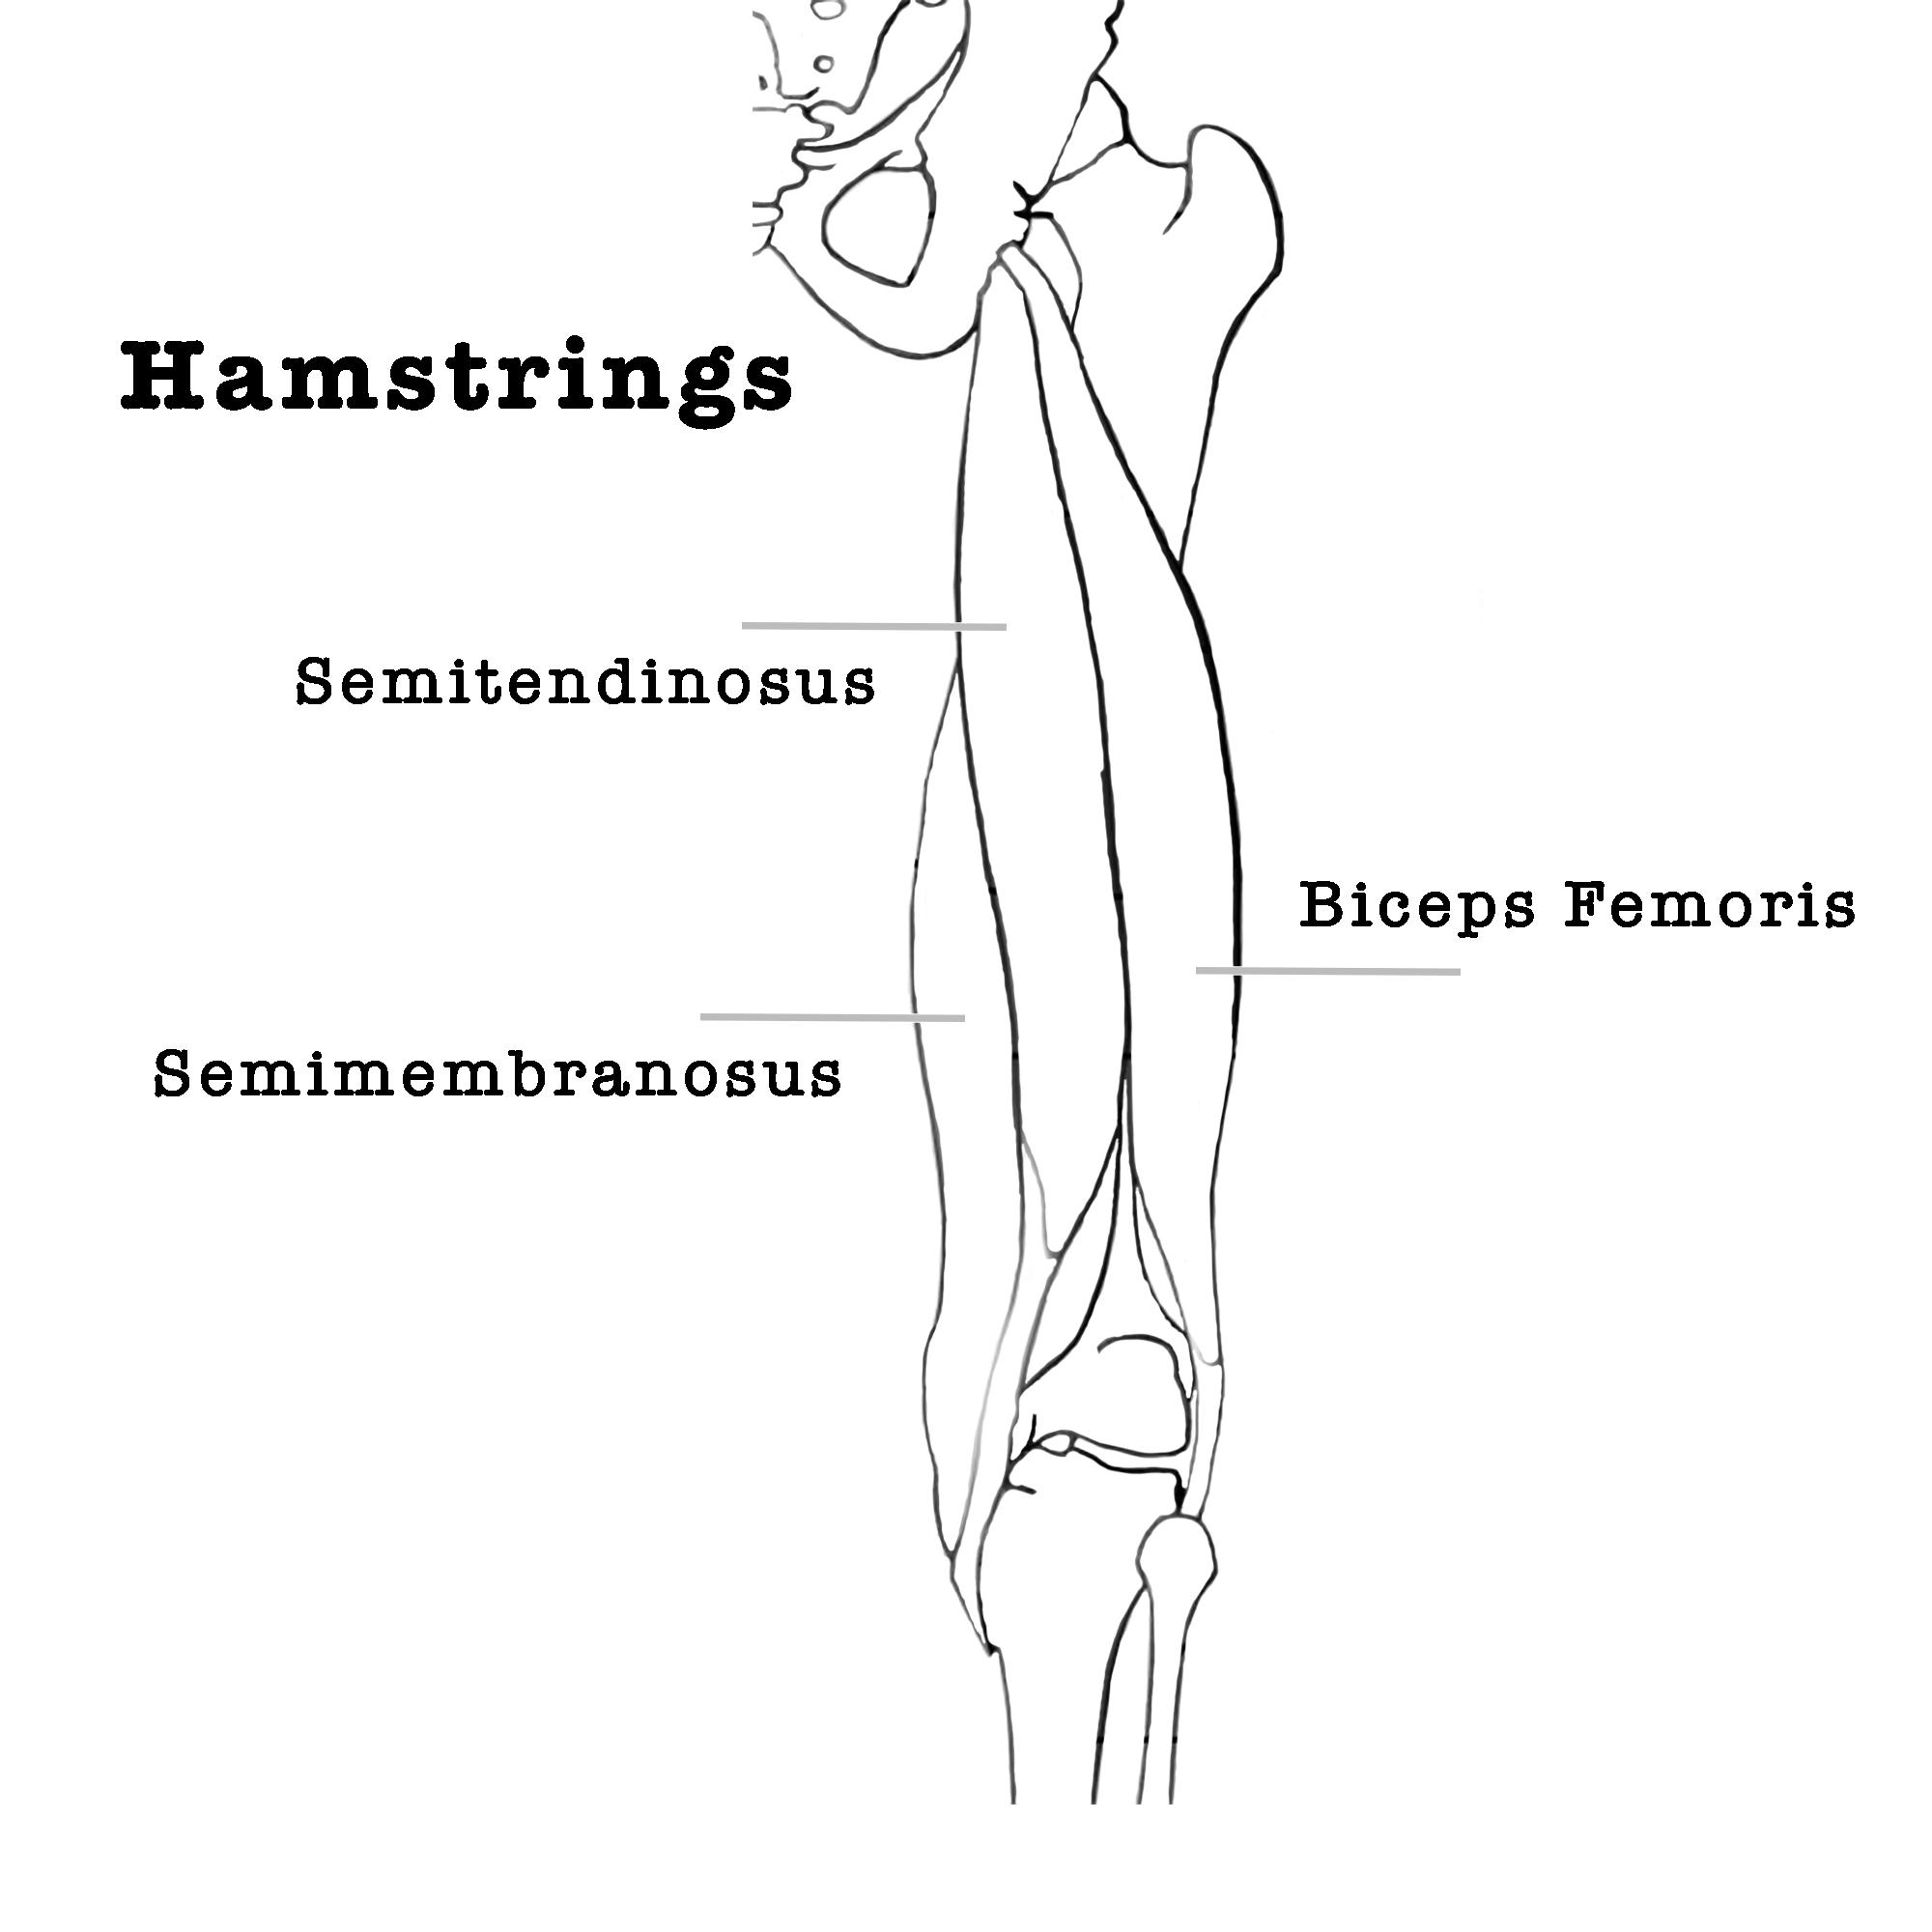 yoga anatomie hamstrings onderrug